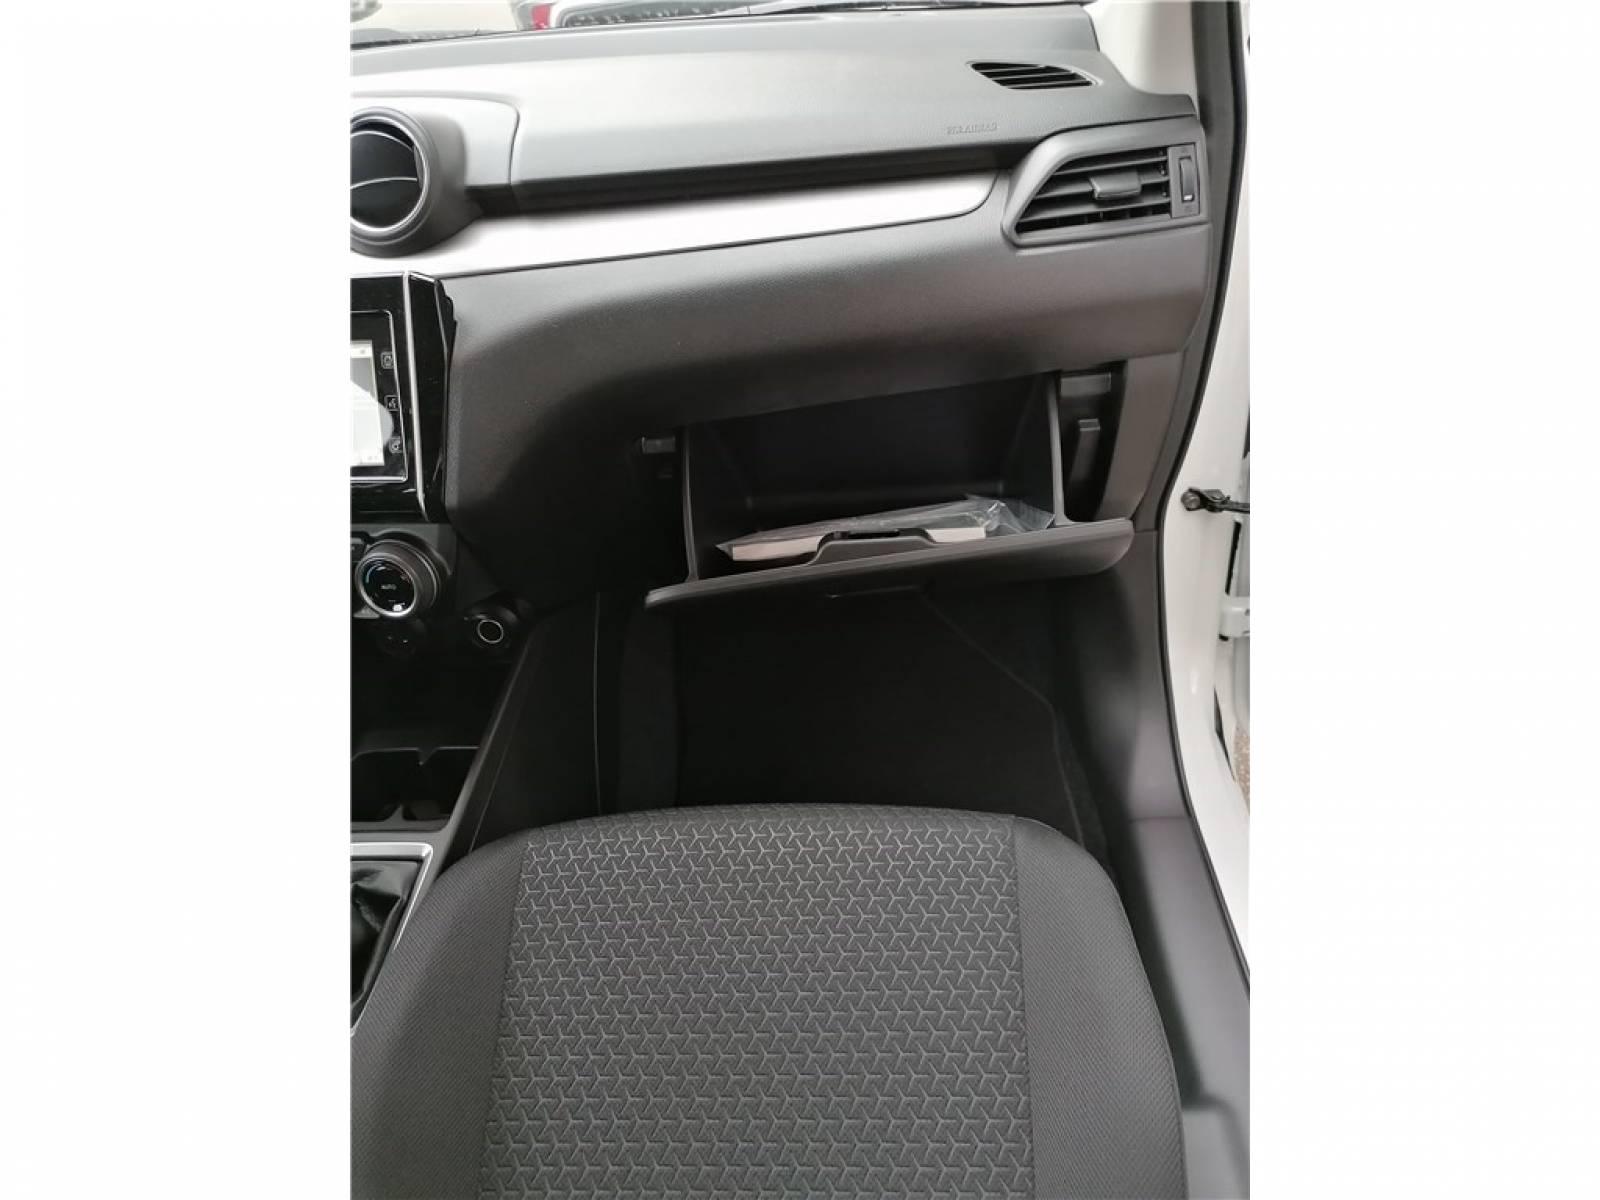 SUZUKI Swift 1.2 Dualjet Hybrid - véhicule d'occasion - Groupe Guillet - Hall de l'automobile - Chalon sur Saône - 71380 - Saint-Marcel - 38